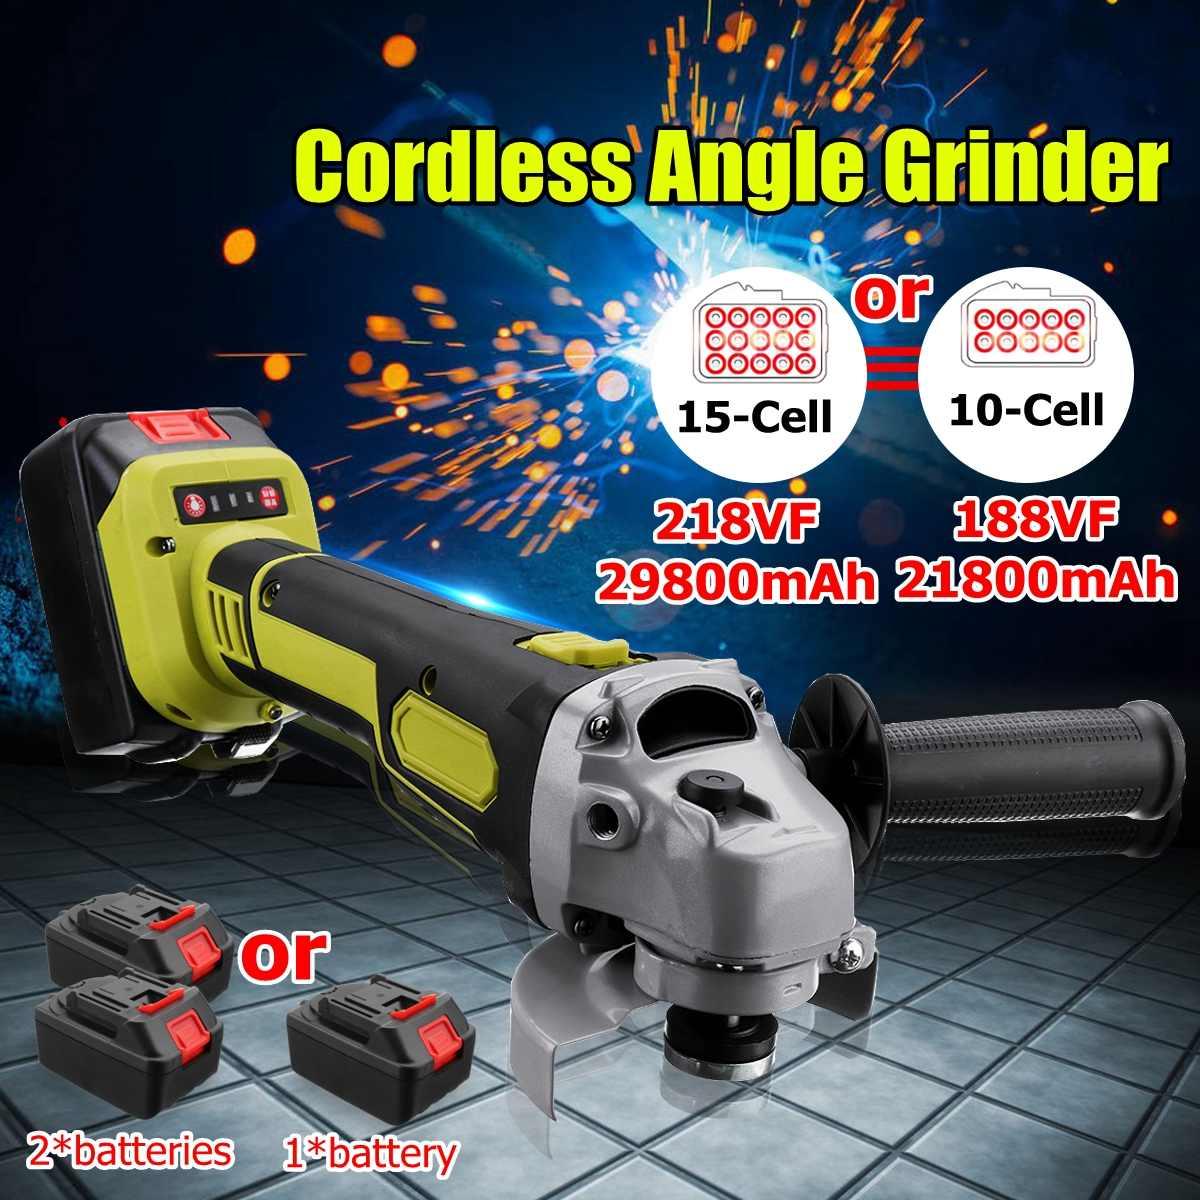 188VF/218VF meuleuse d'angle électrique sans fil 10/15 cellules grande capacité batterie polisseuse Machine de polissage ensemble d'outils de coupe